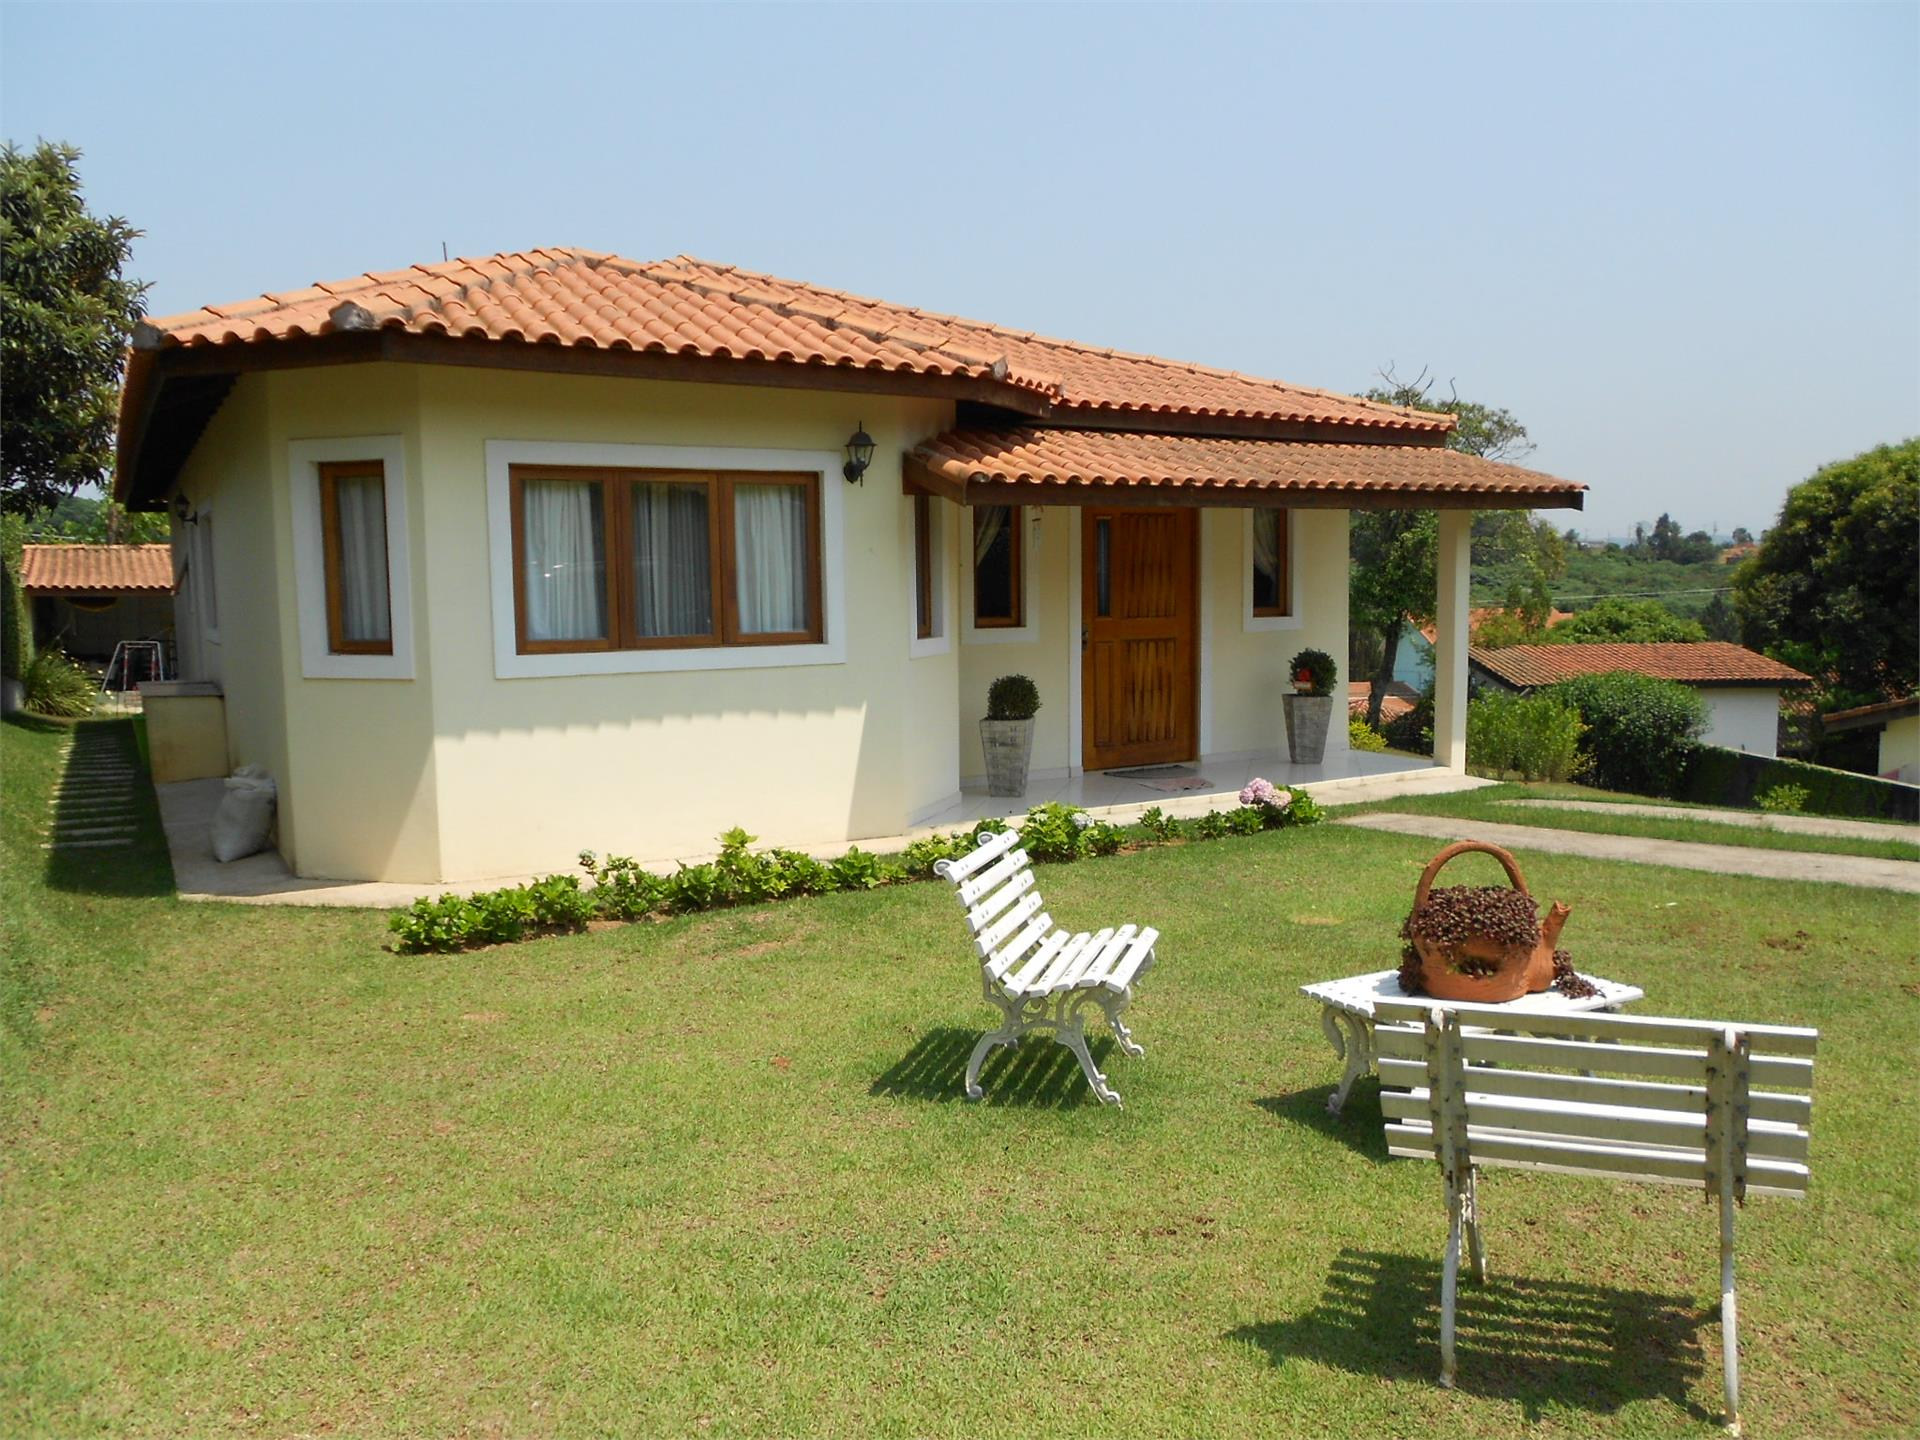 Imagens de #624423 Casa térrea à venda ou locação amplo terreno todo Condomínio  1920x1440 px 2922 Box Banheiro Granja Viana